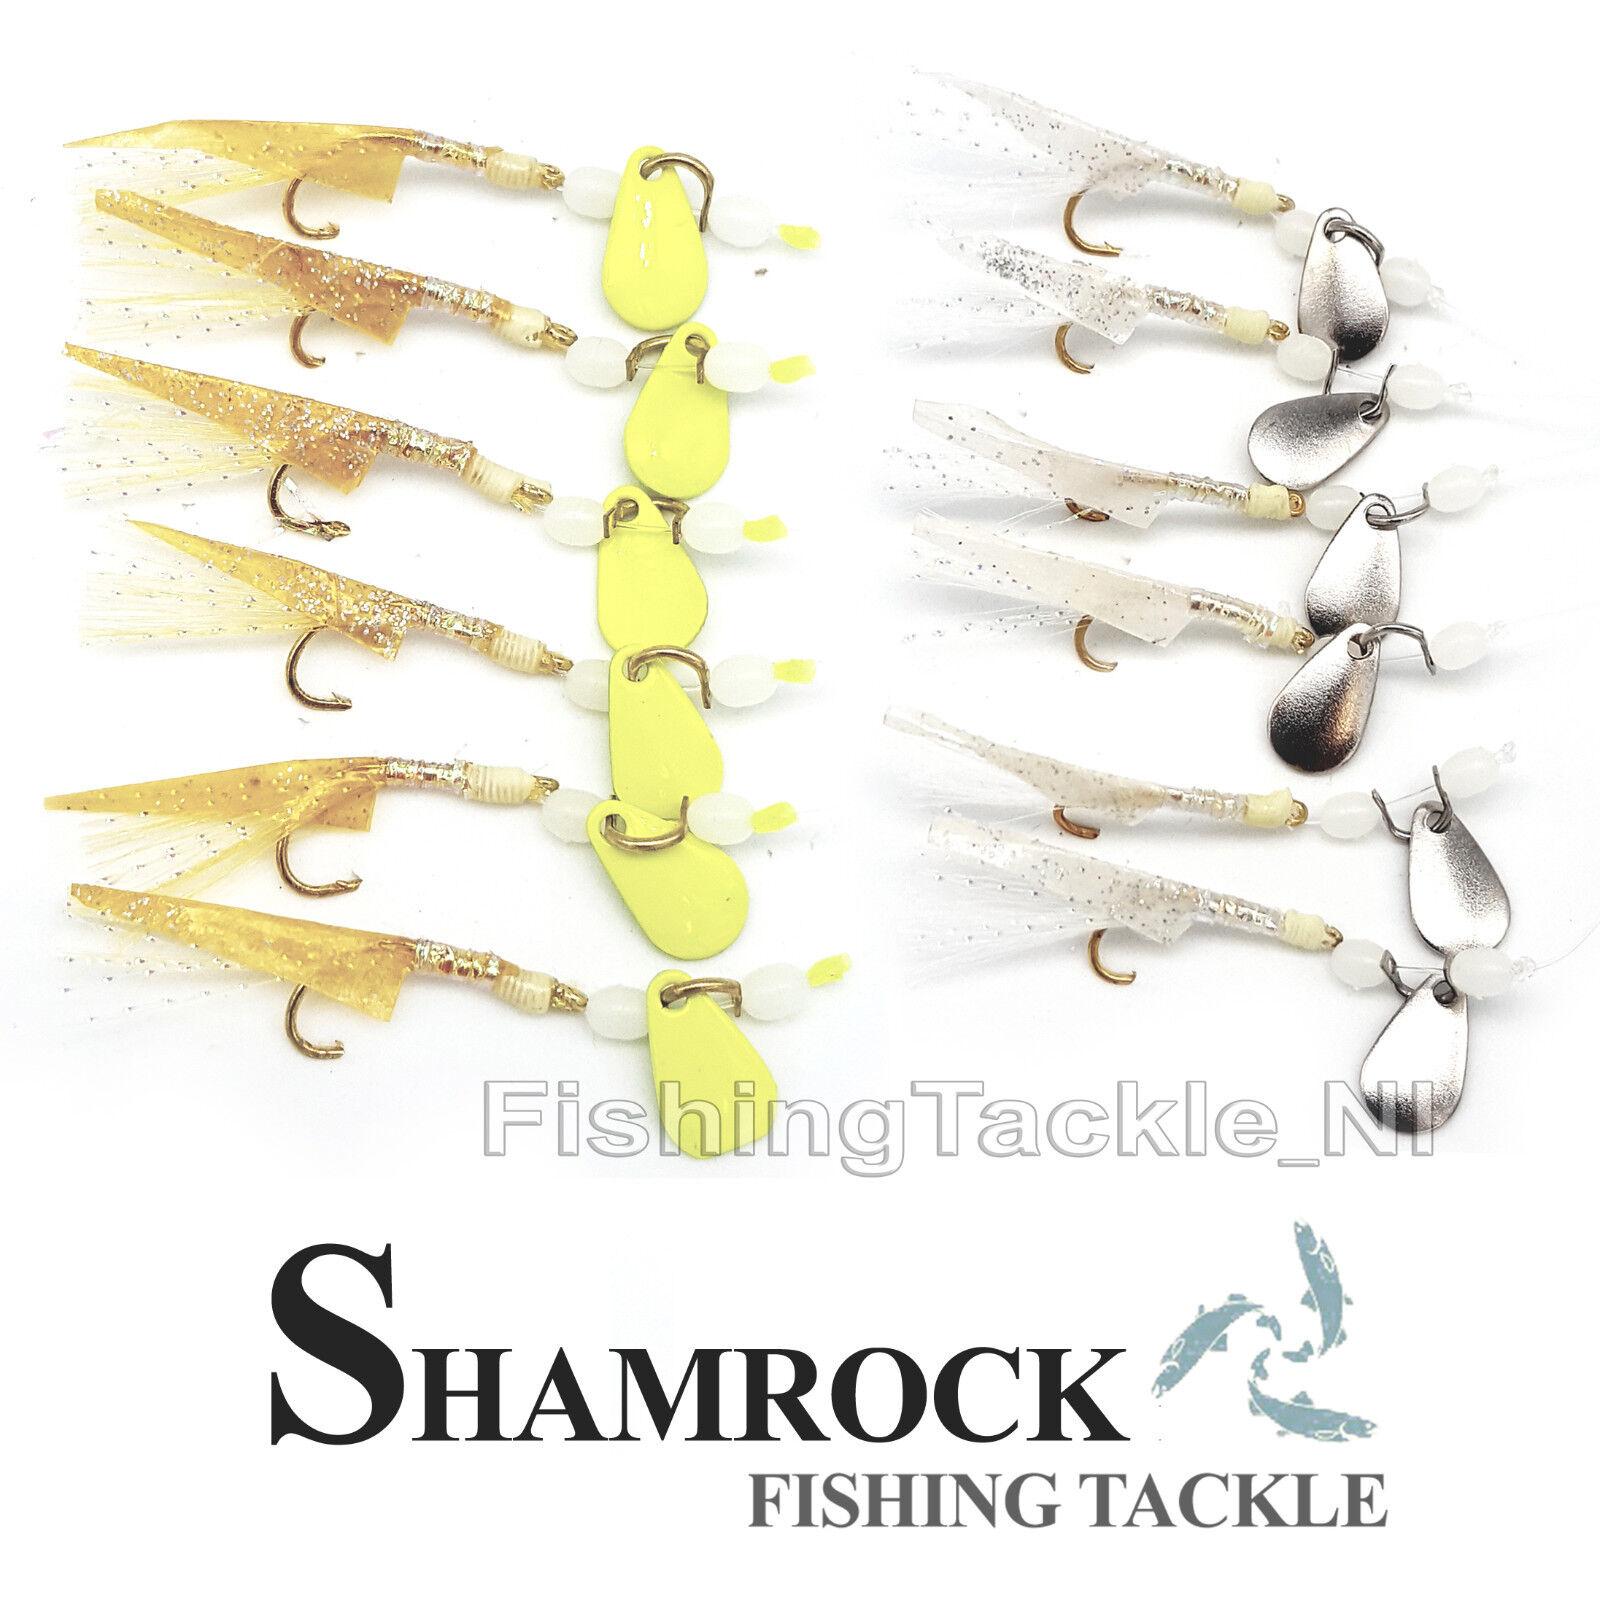 Shamrock Irish Tackle Bulls Eye Rig 3 Hook Sea Fishing Rig Mackerel Sabiki Rig